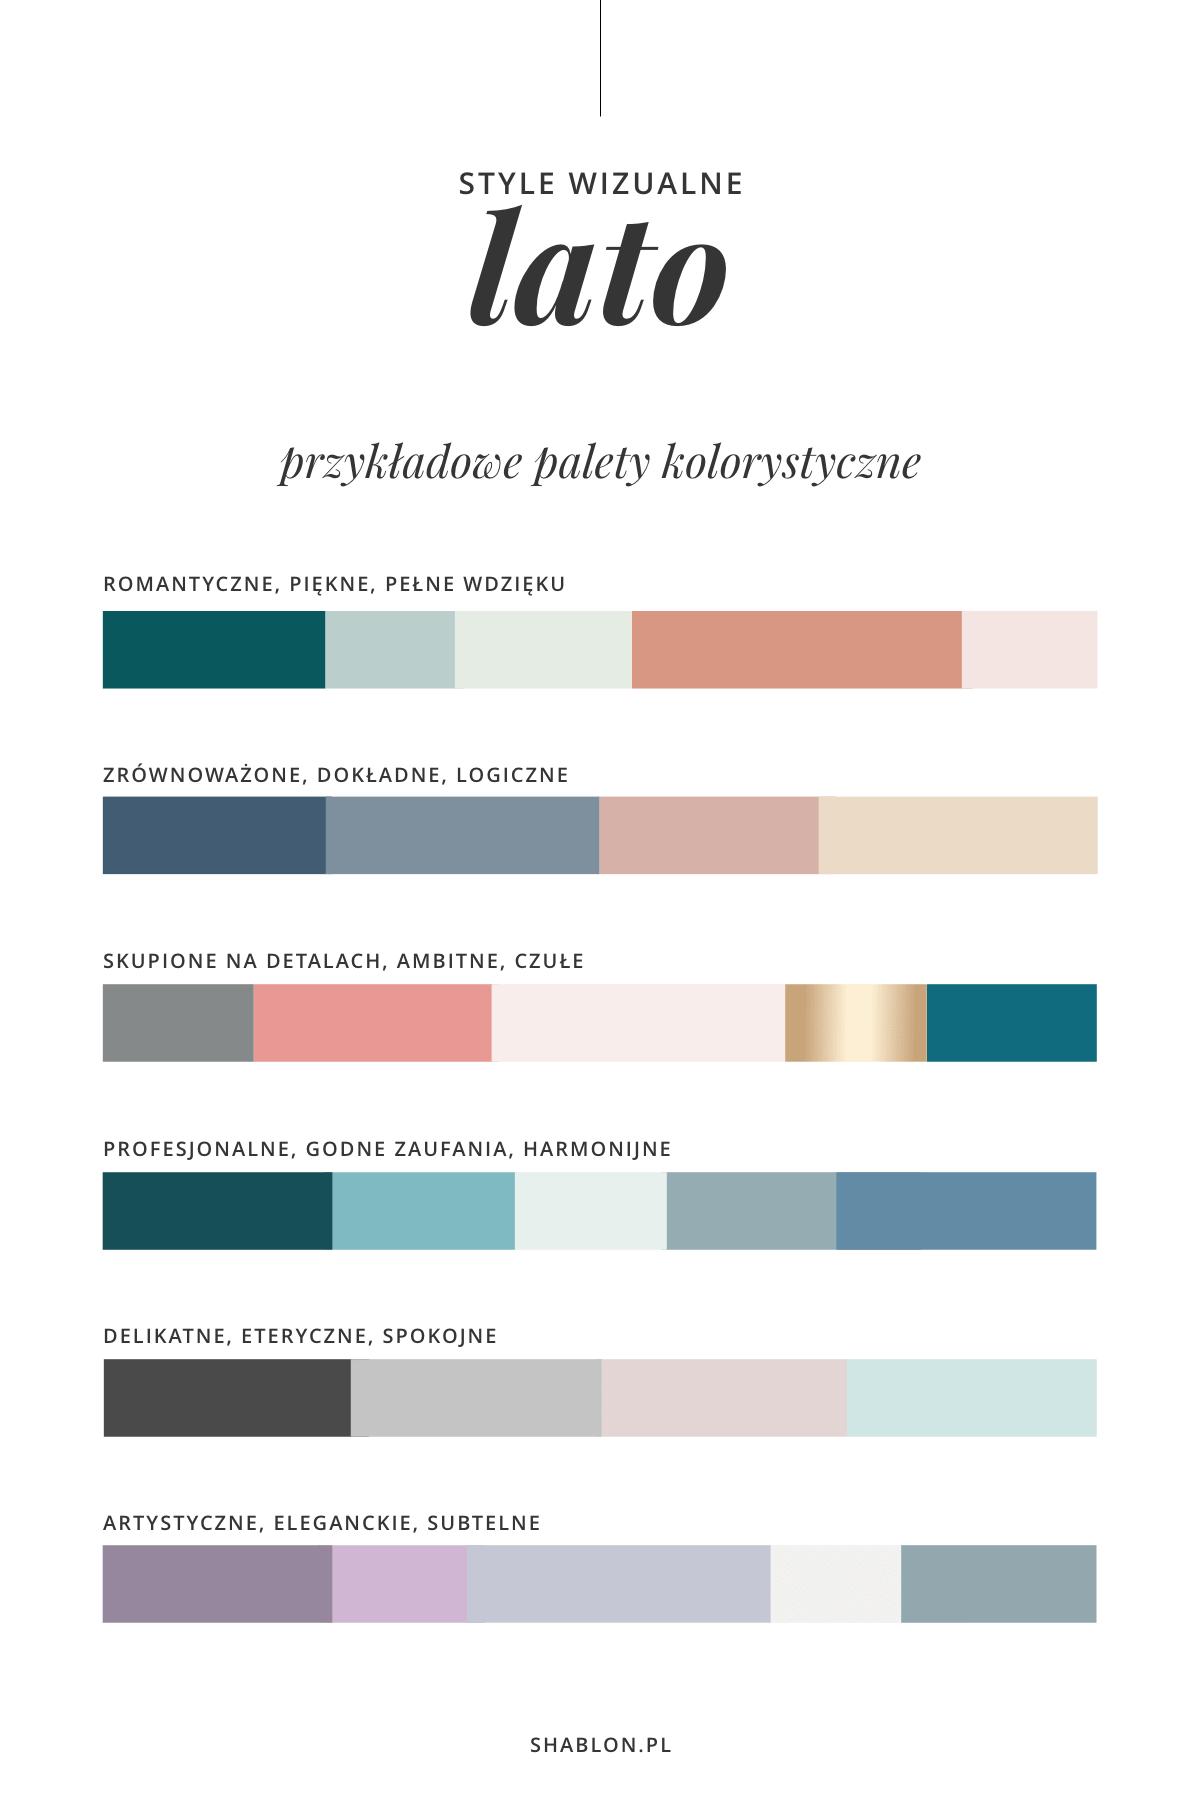 kreowanie wizerunku firmy paleta kolorów lato